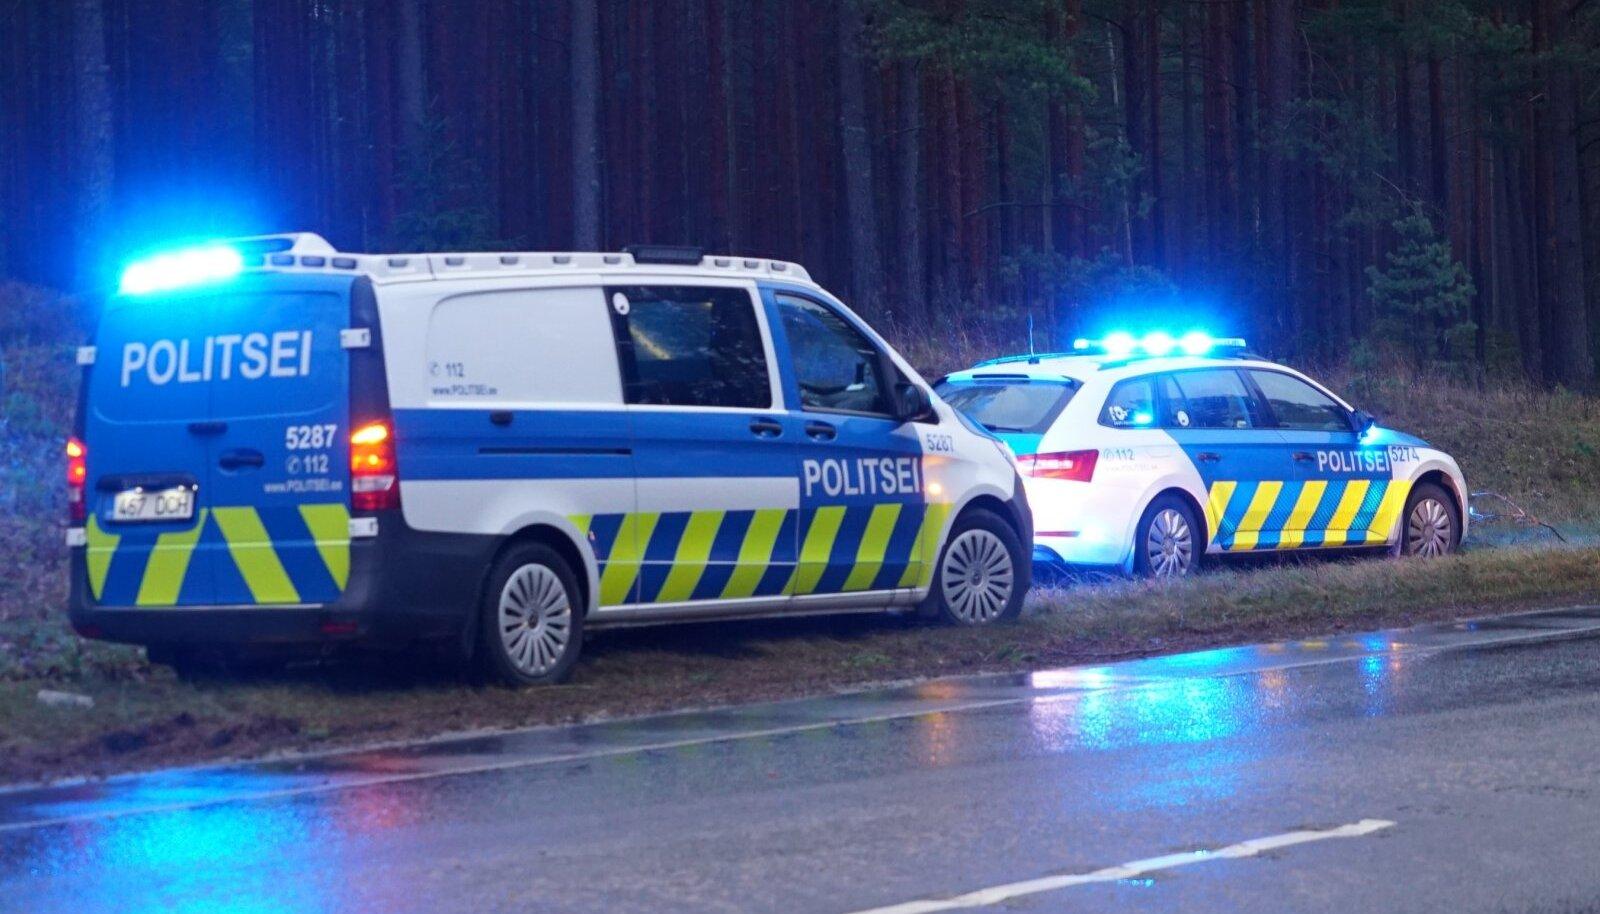 Liiklusõnnetus Pärnumaal Häädemeeste vallas